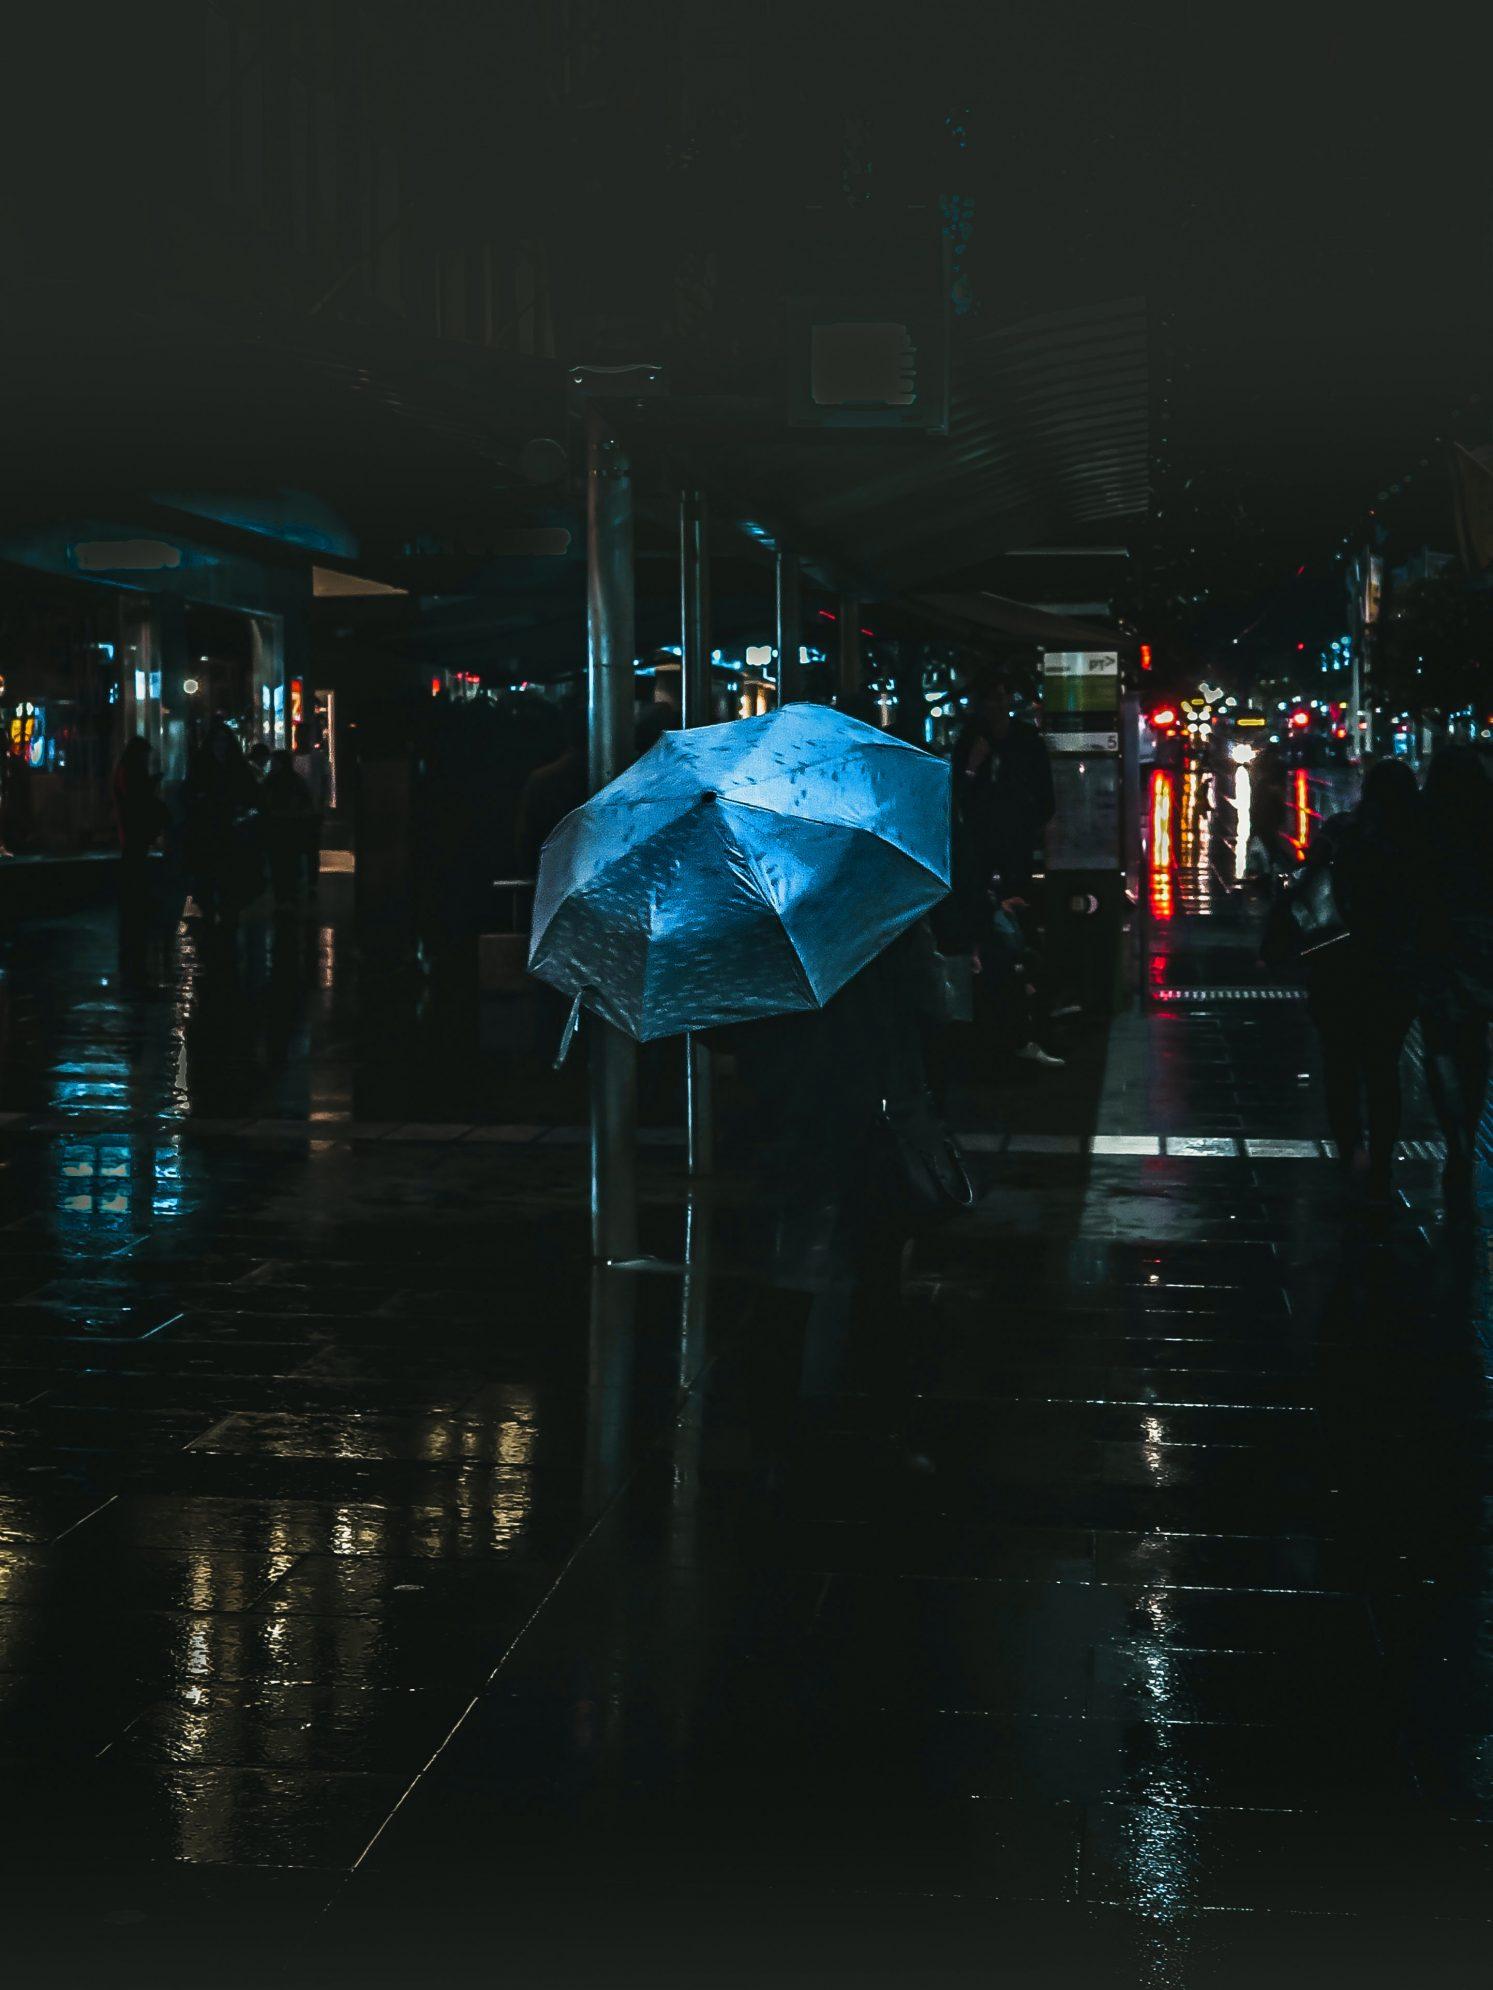 Regenschirm-e1568886519108